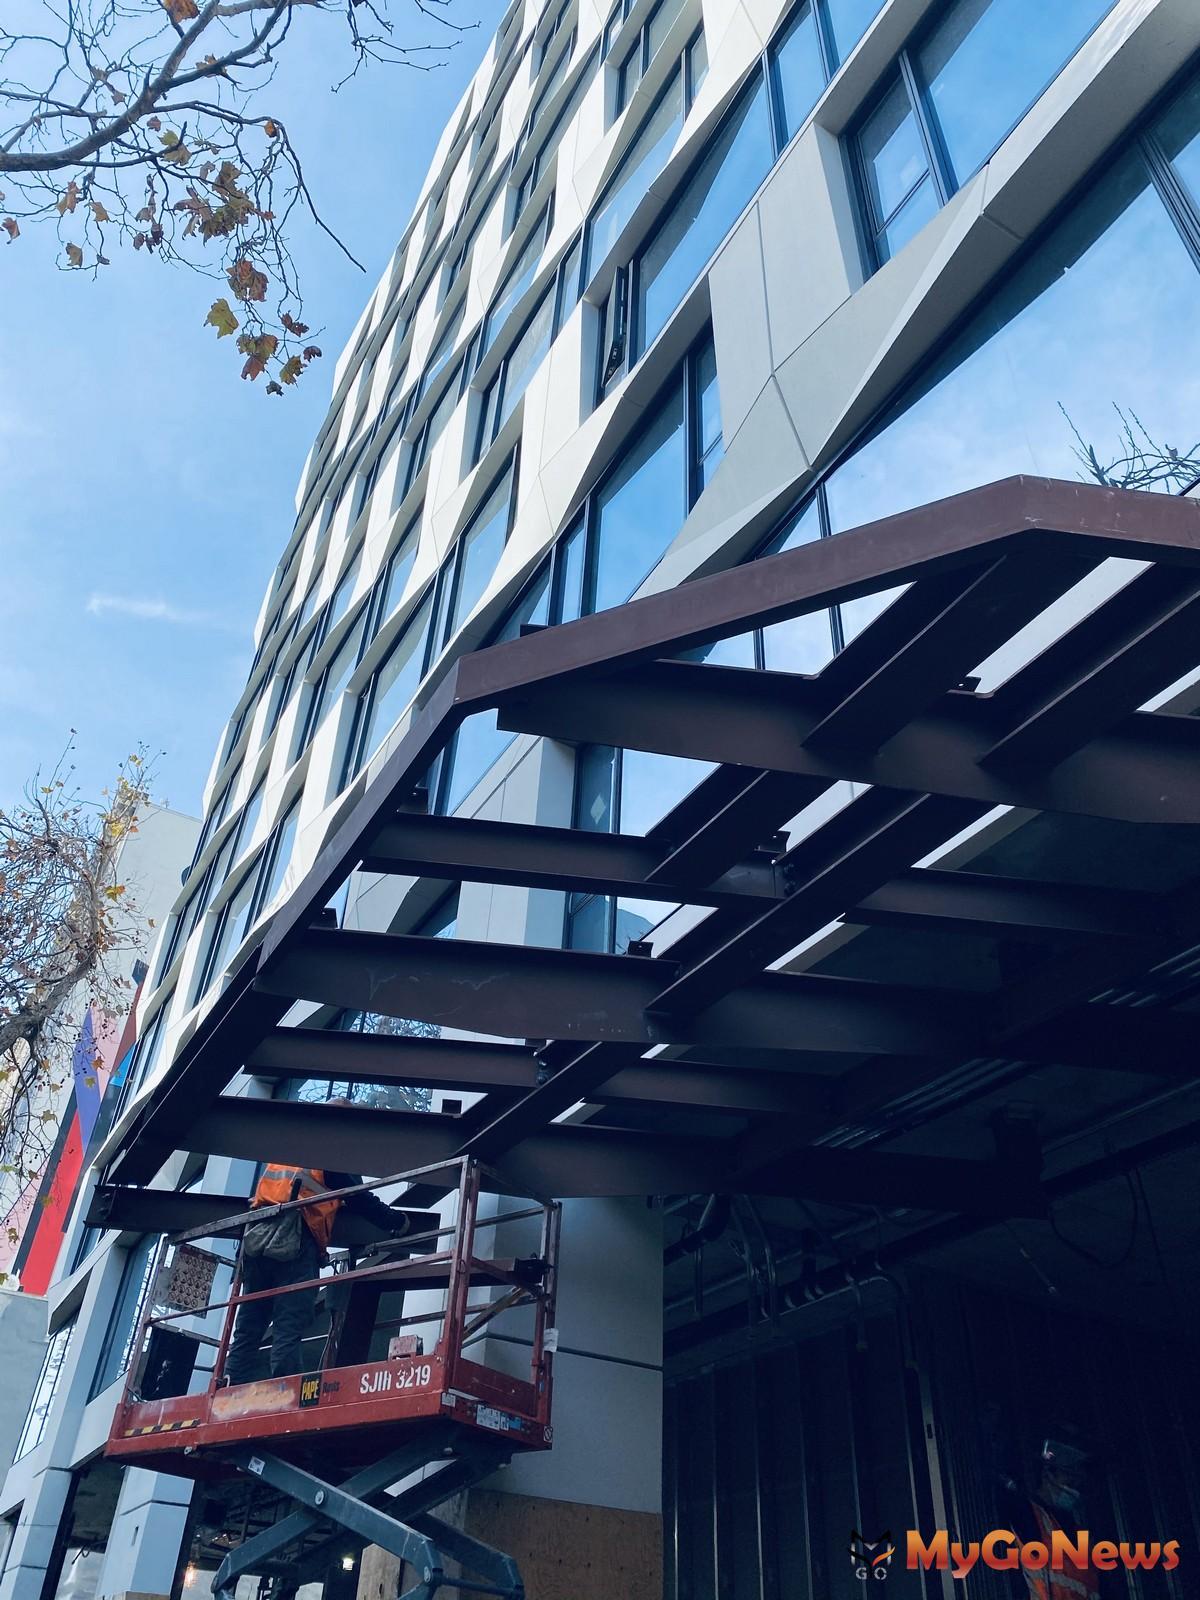 「尚芮公寓SERIF」在國內高資產族群中再度掀一波海外置產熱。 MyGoNews房地產新聞 熱銷推案